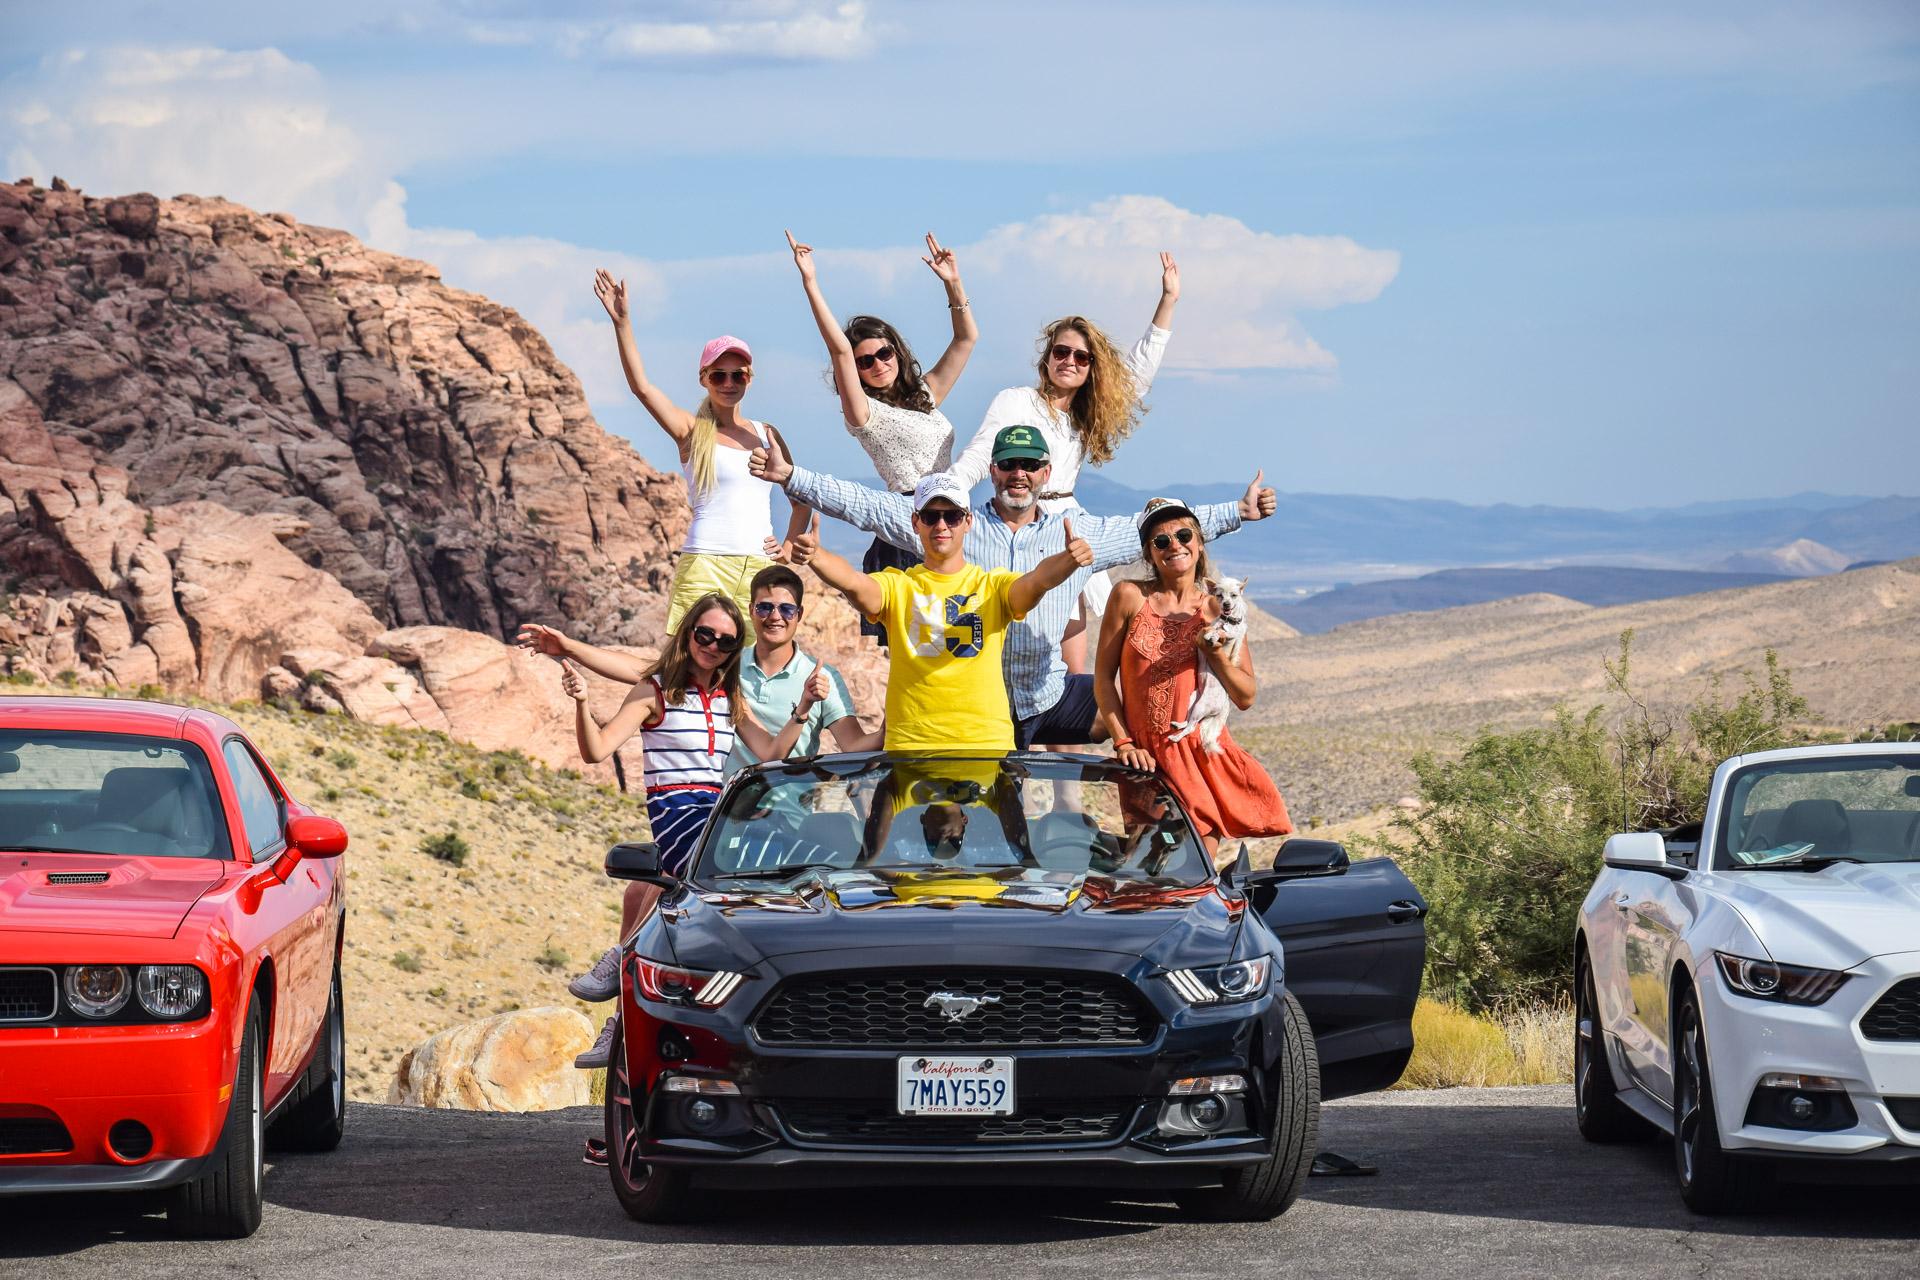 путешествия отзывы фото на авто